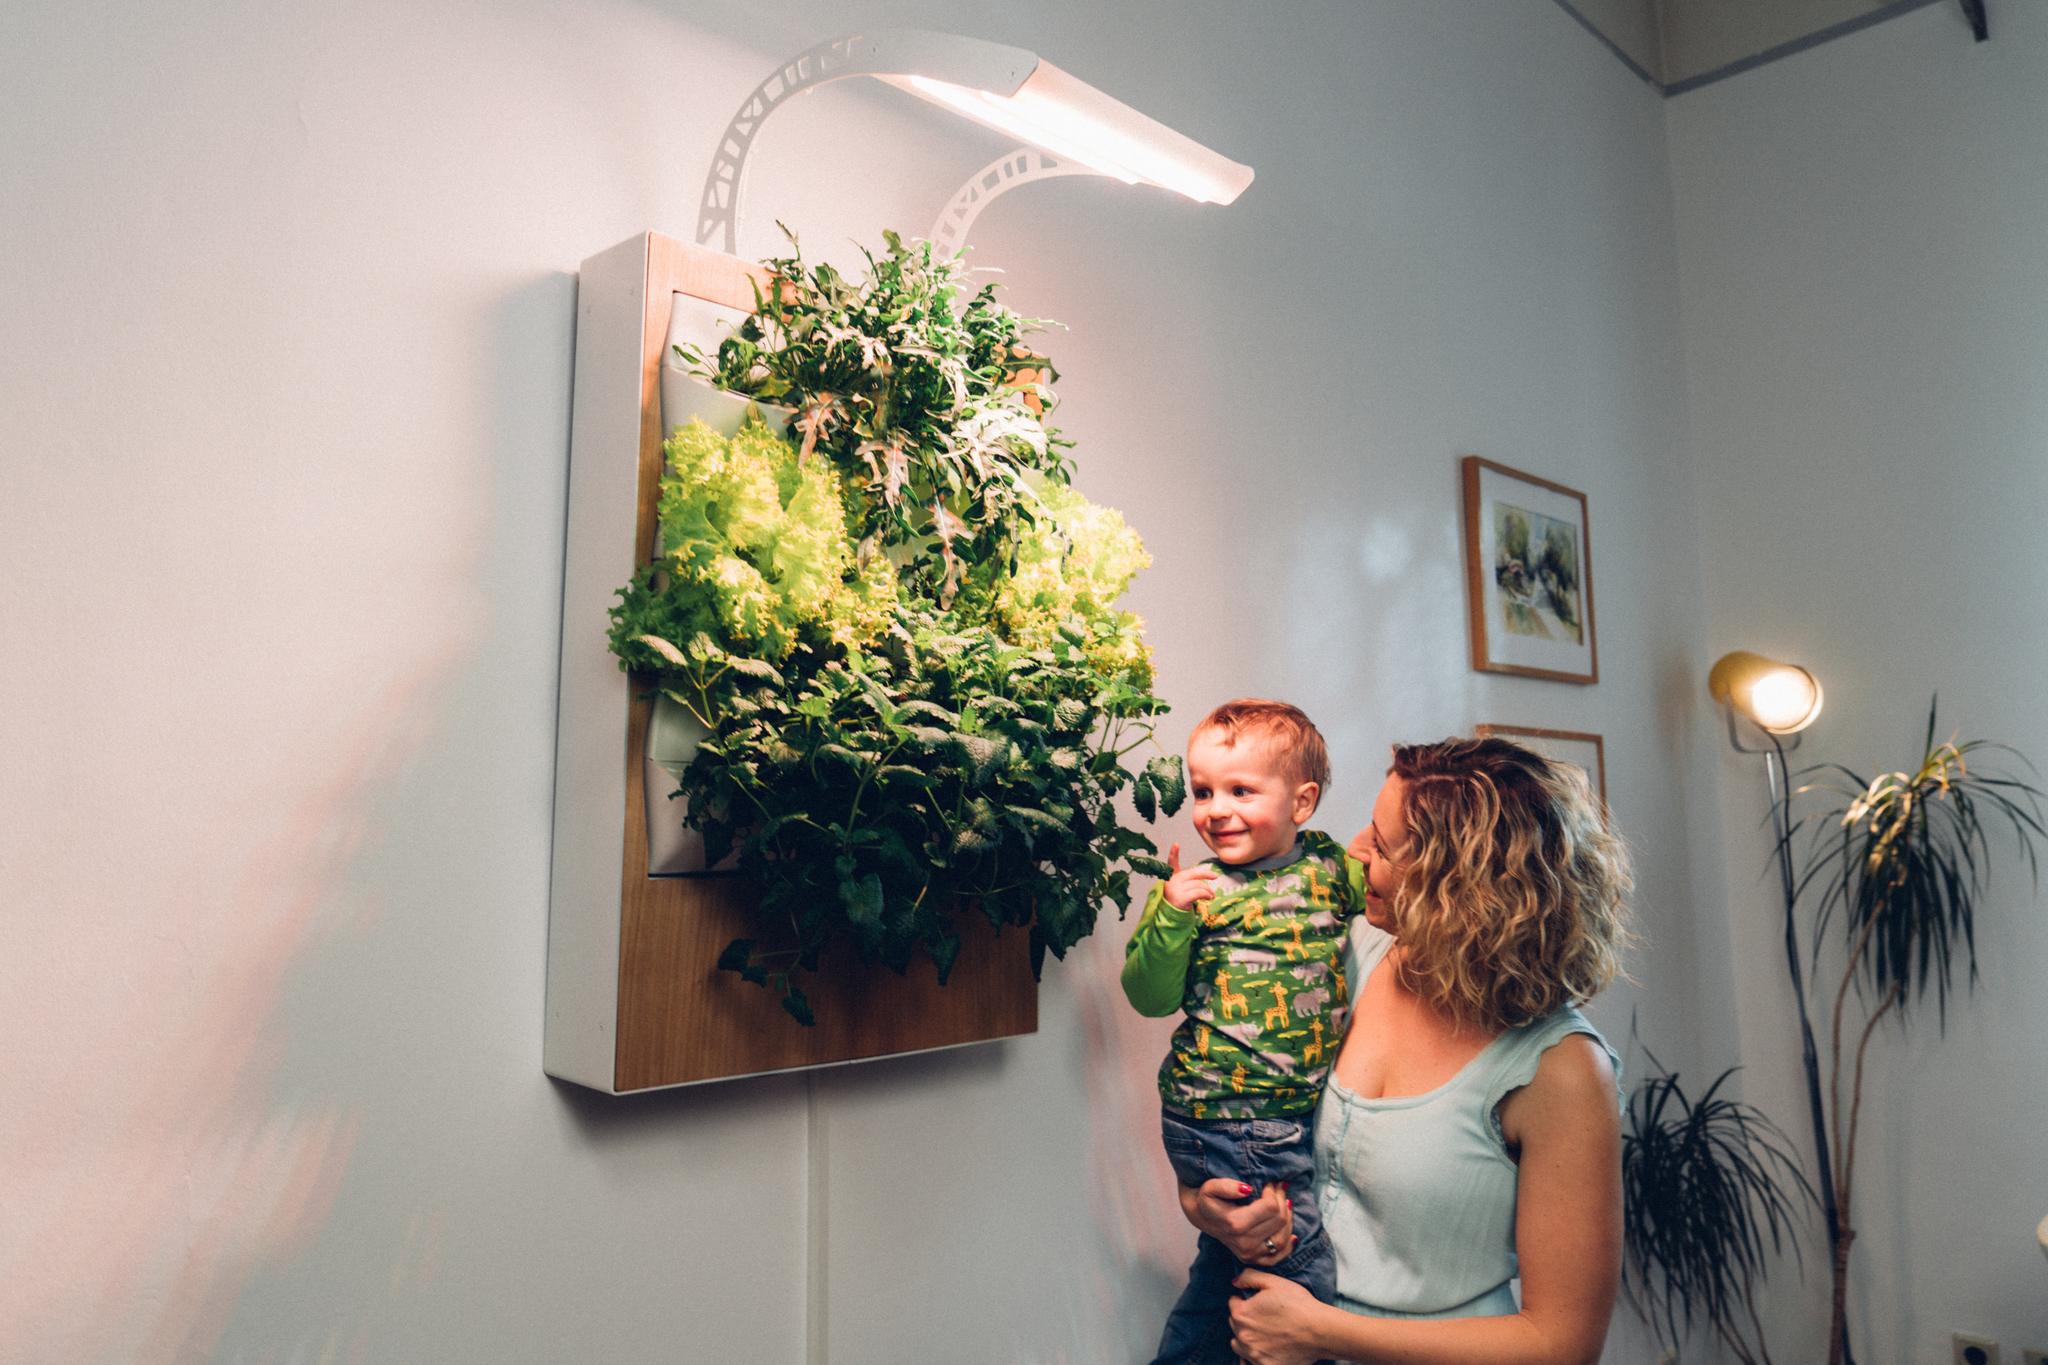 Vom Herbert kann man so viel abernten, wie man braucht und des Rest einfach weiter wachsen lassen – Foto: © Ponix Systems